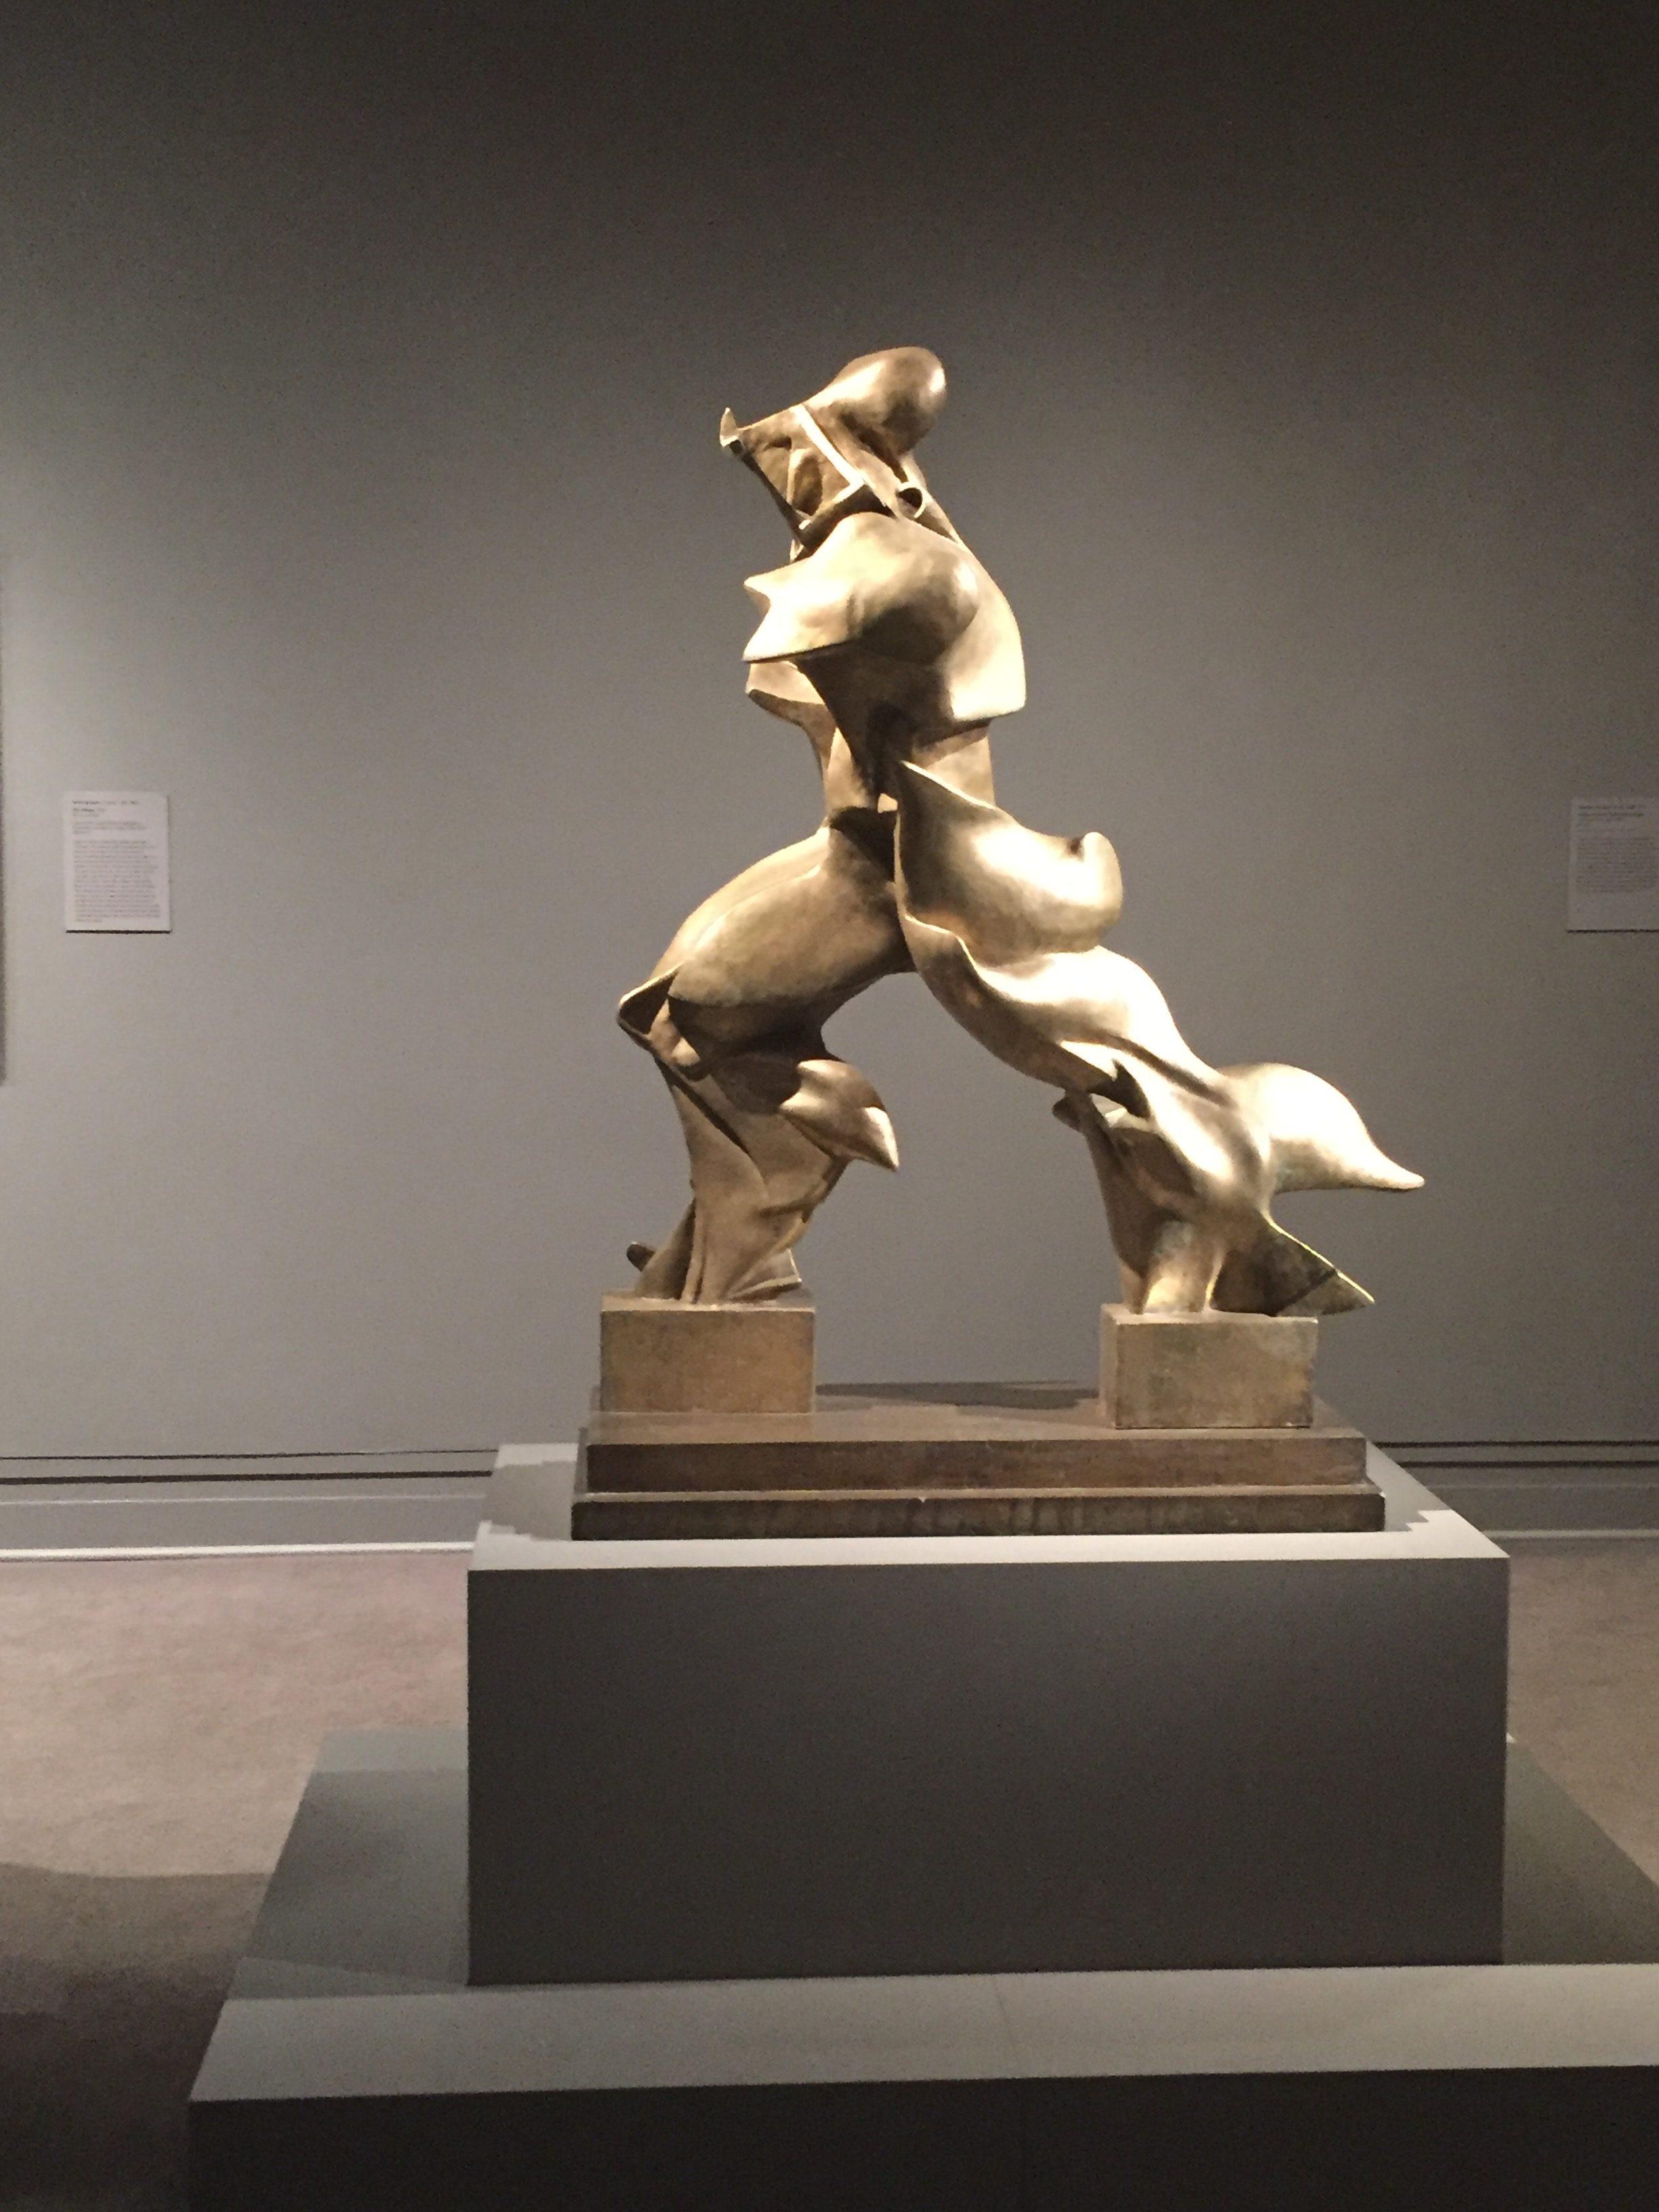 Forme Uniche della Continuità nello Spazio, 1913, Umberto Boccioni